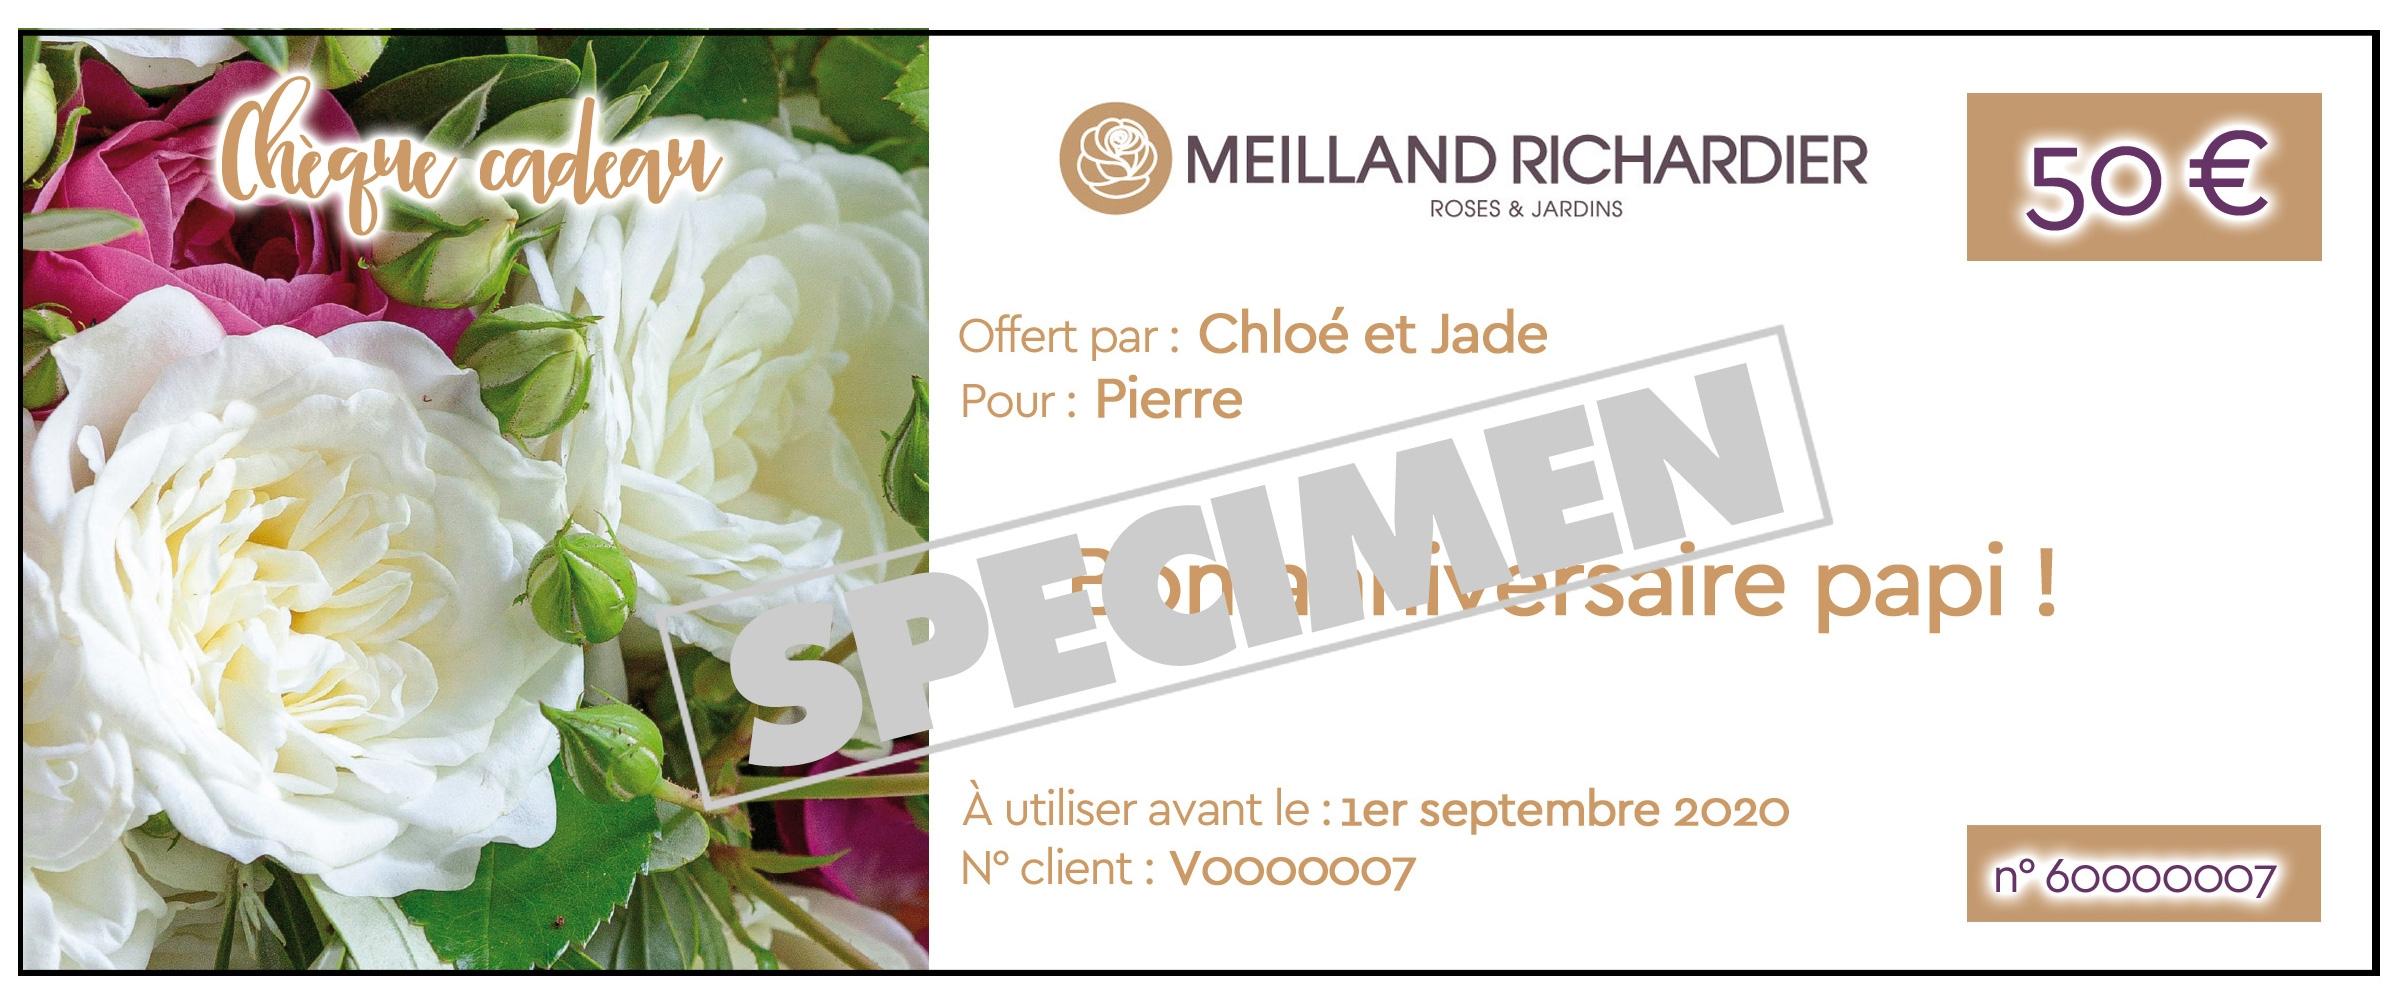 Chèque cadeau Meilland Richardier